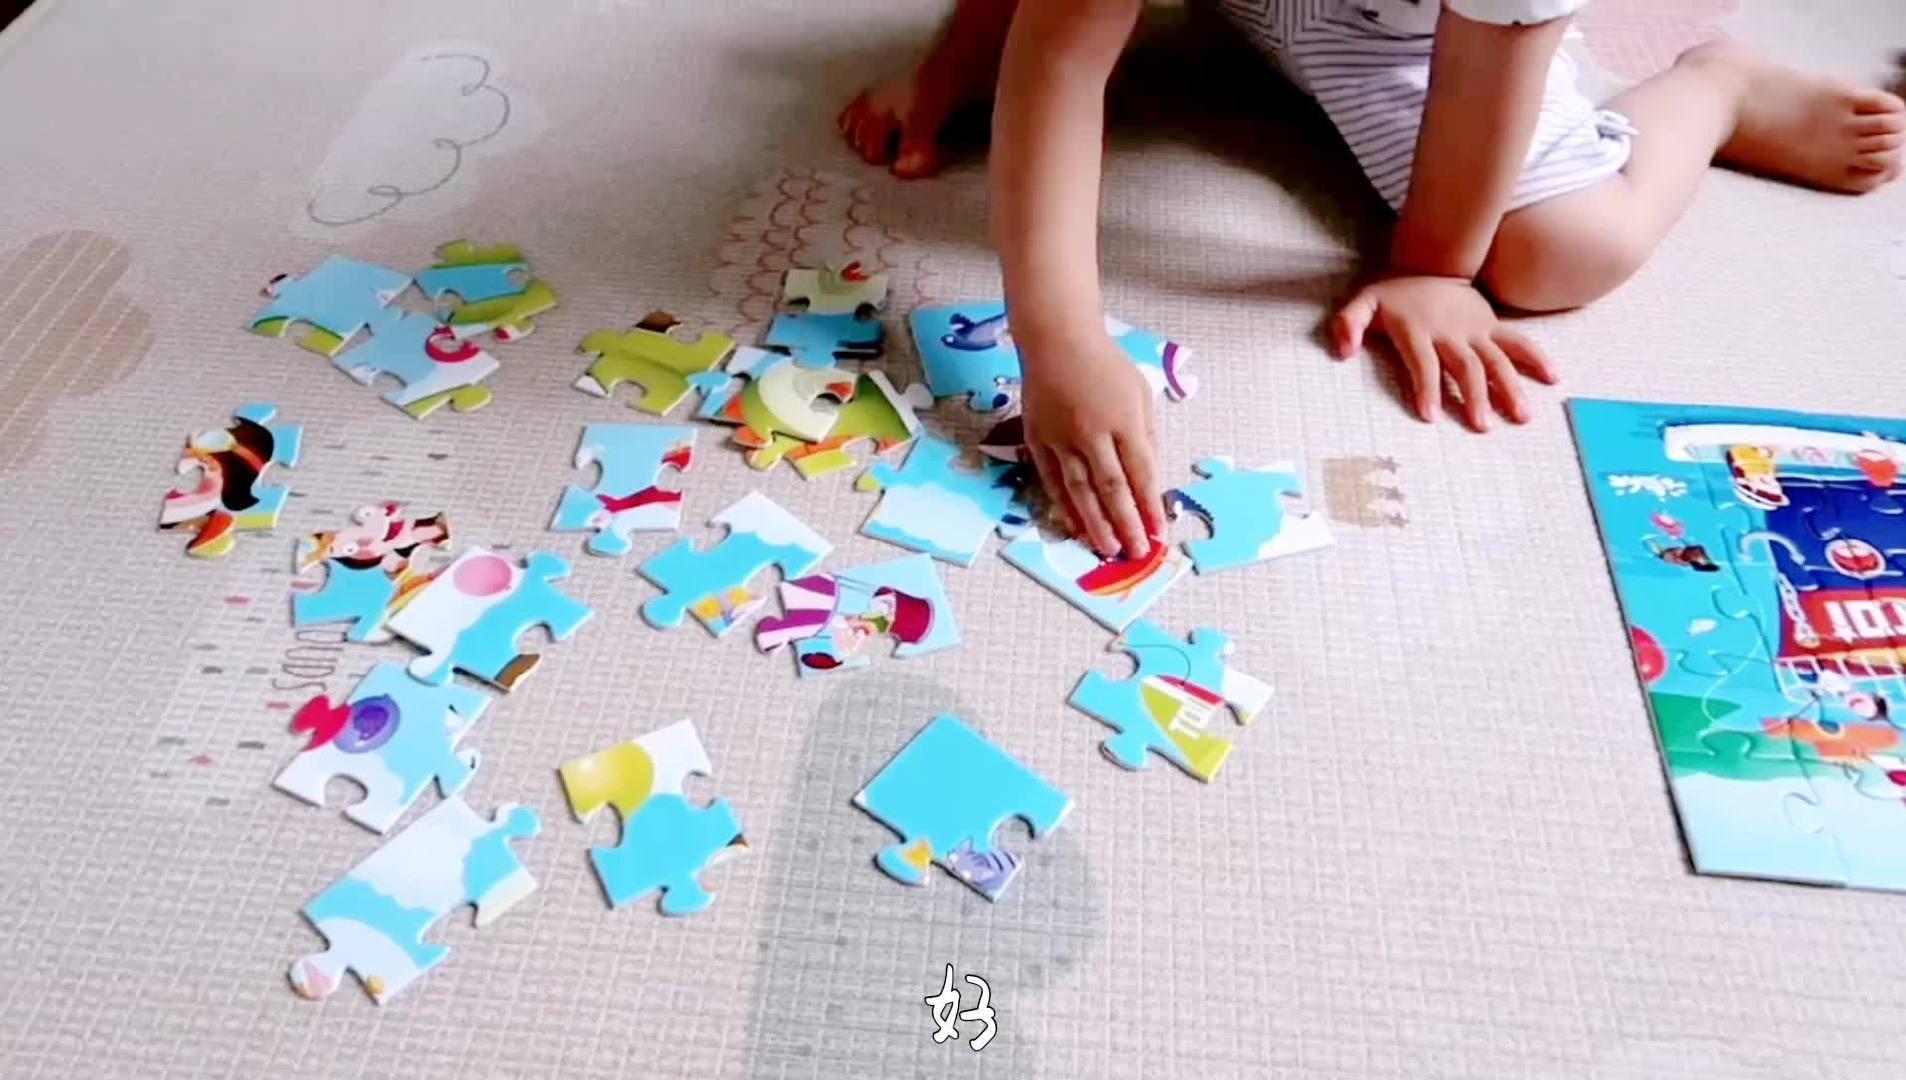 玩拼图小tips: 拼图是非常好的玩具……